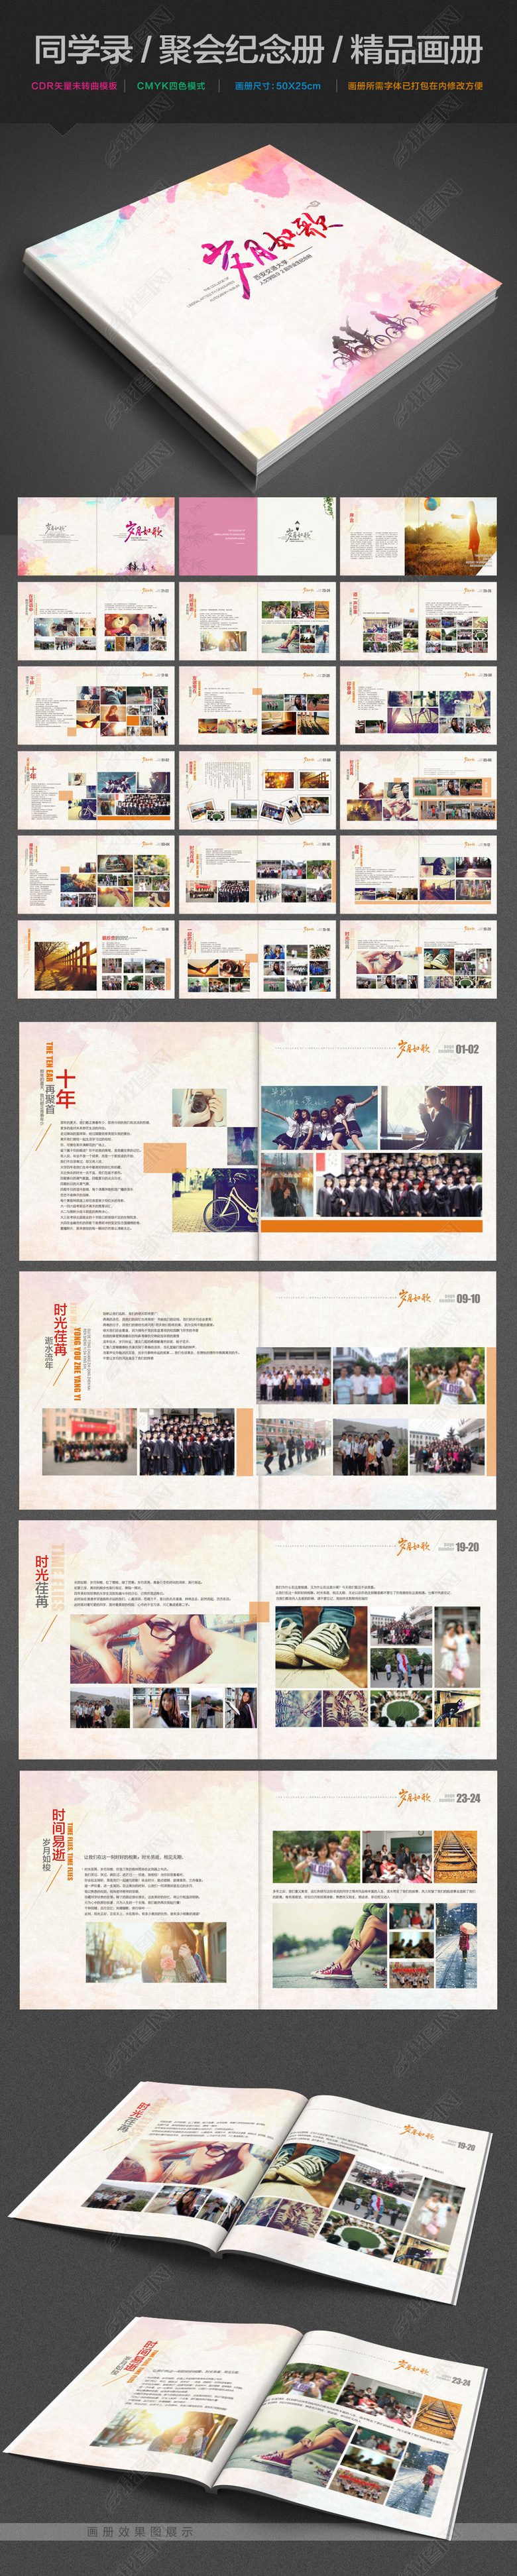 同学录毕业纪念册cdr模板